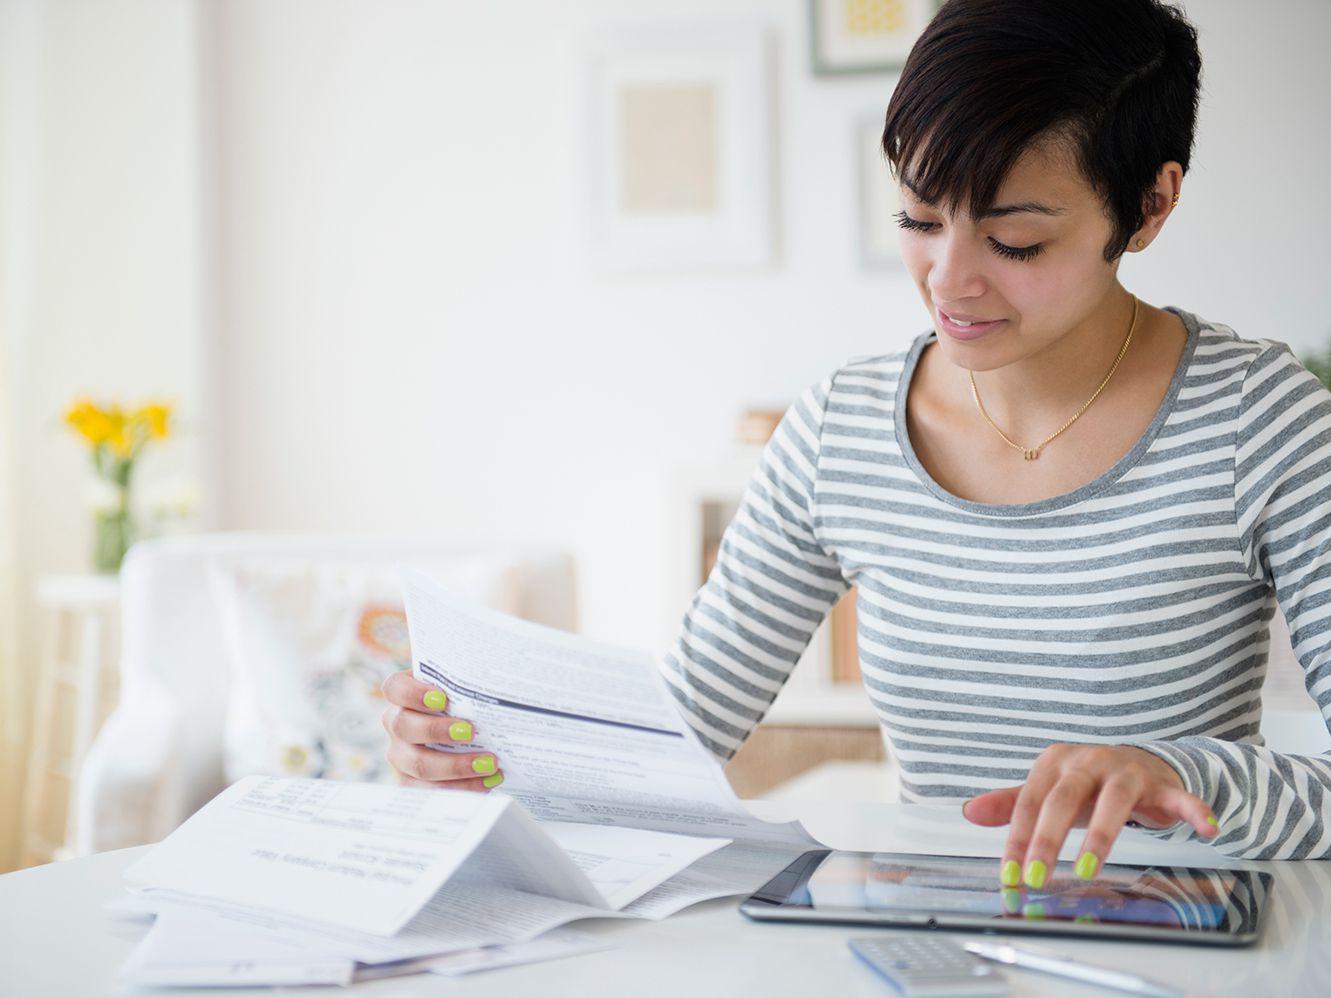 Eftps Direct Payment Worksheet